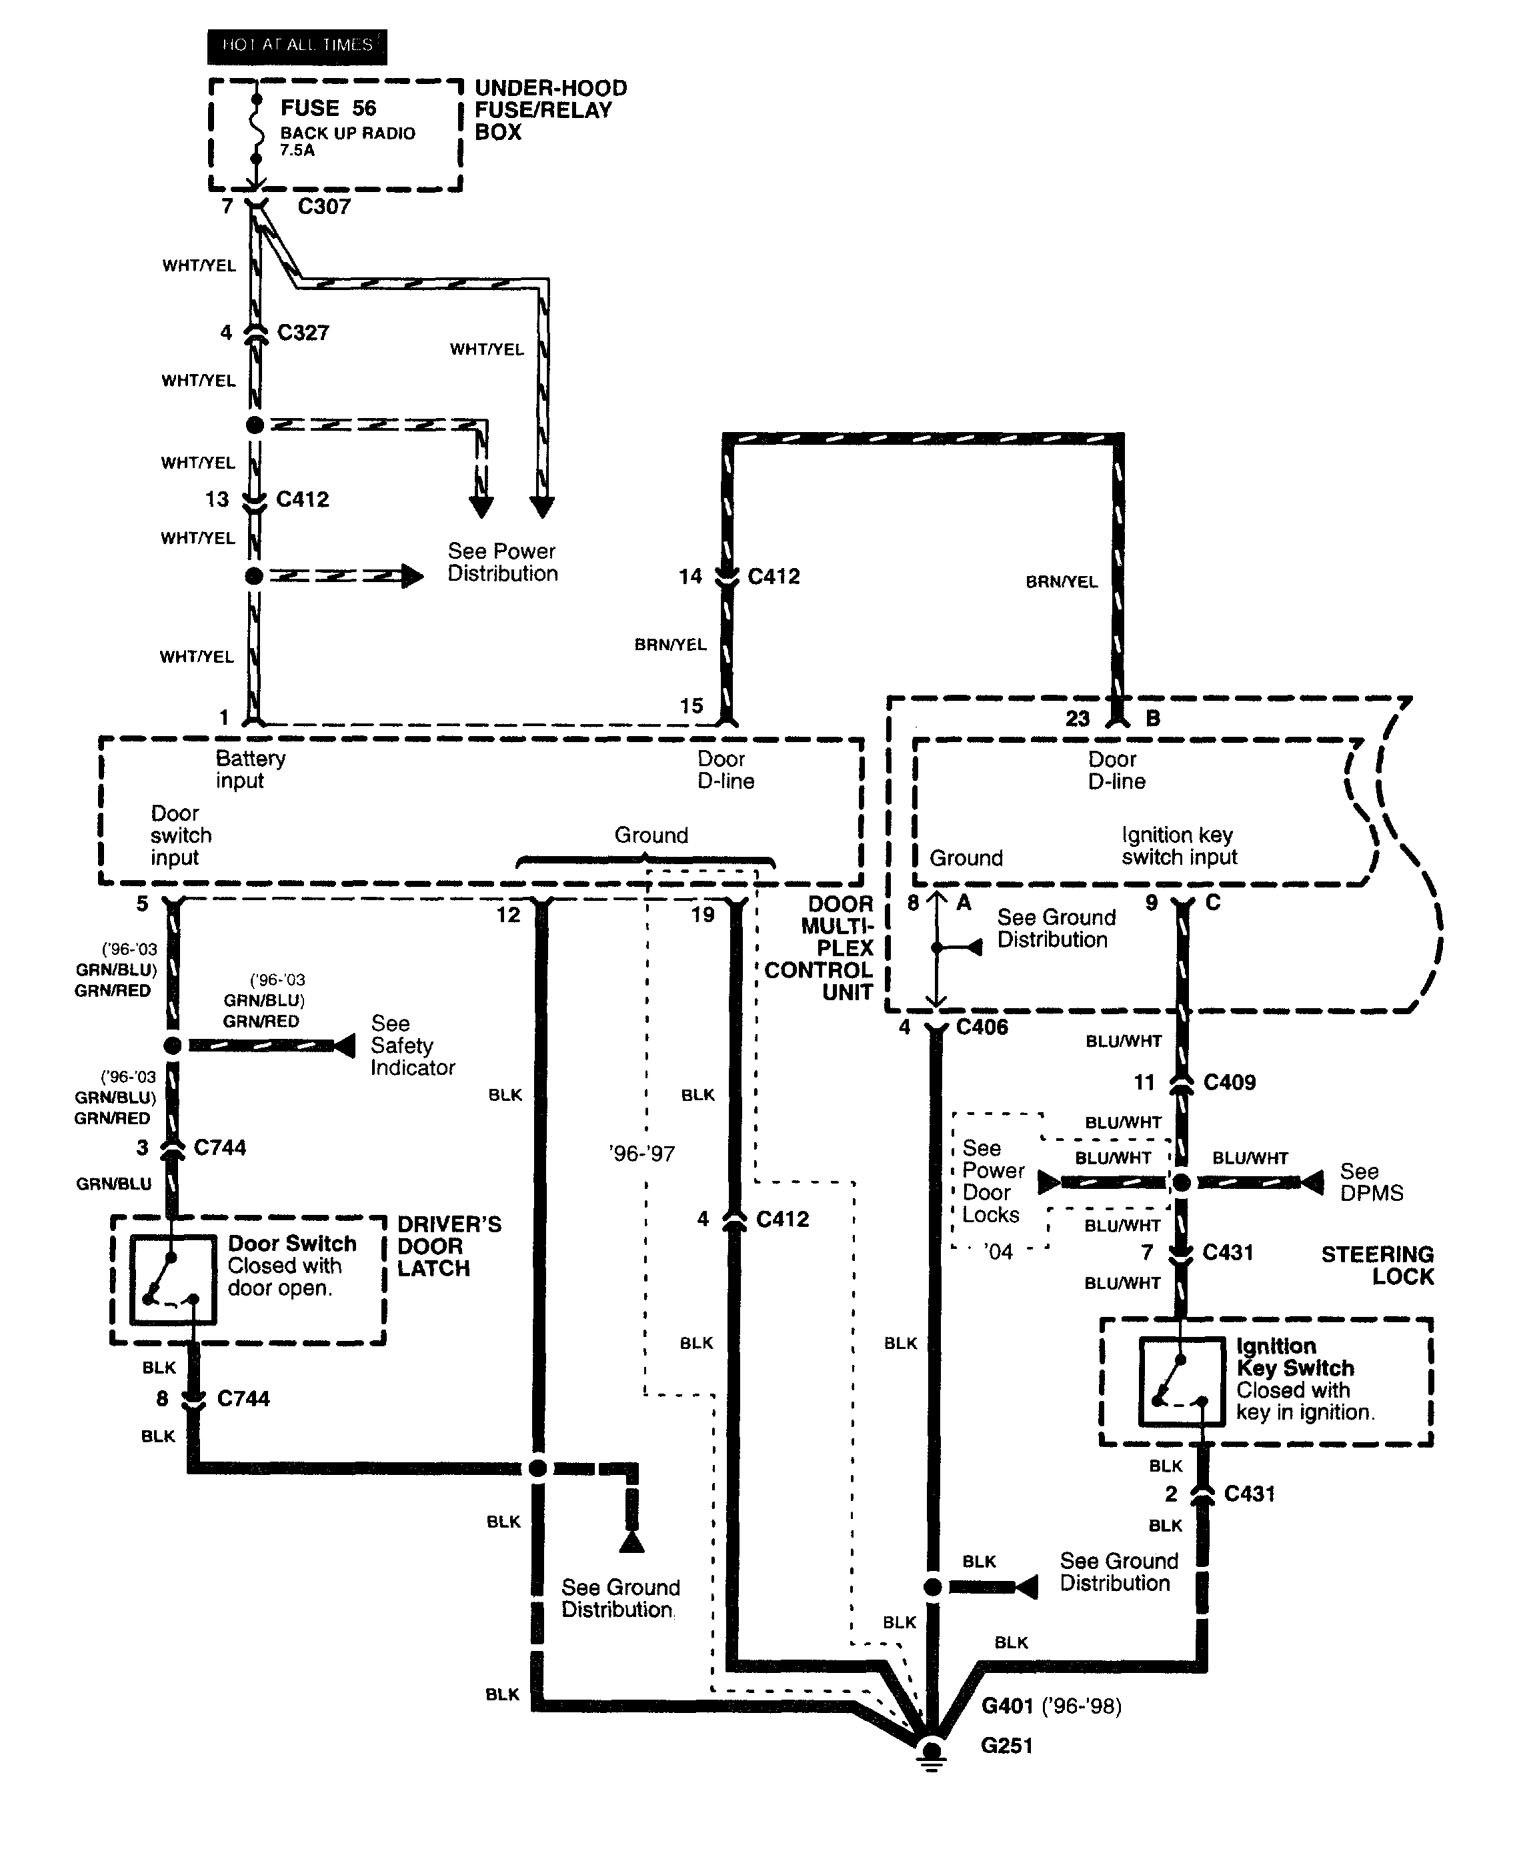 Acura RL - wiring diagram - seat bet -warning (part 1)